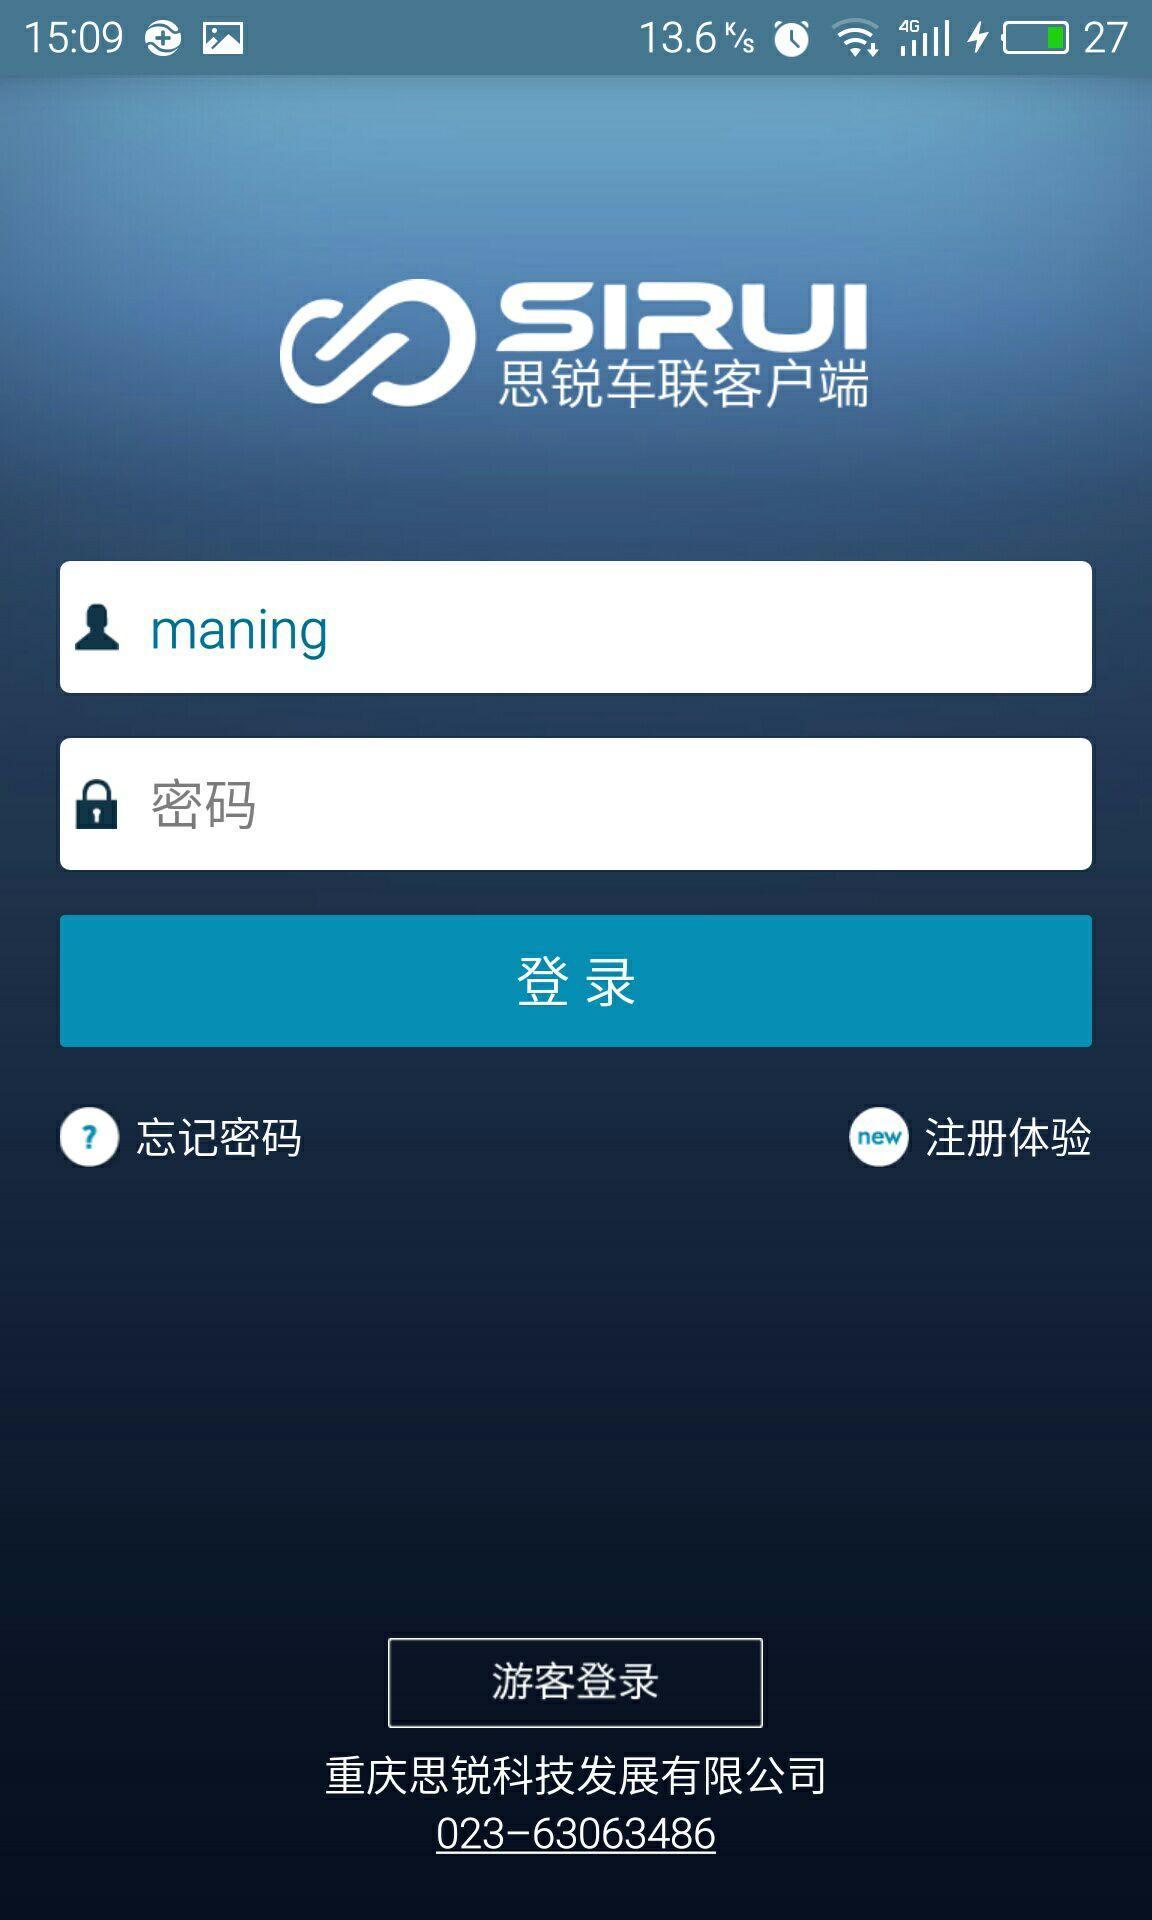 思锐汽配软件下载_思锐免费下载_华为应用市场 思锐安卓版(7.1.3)下载